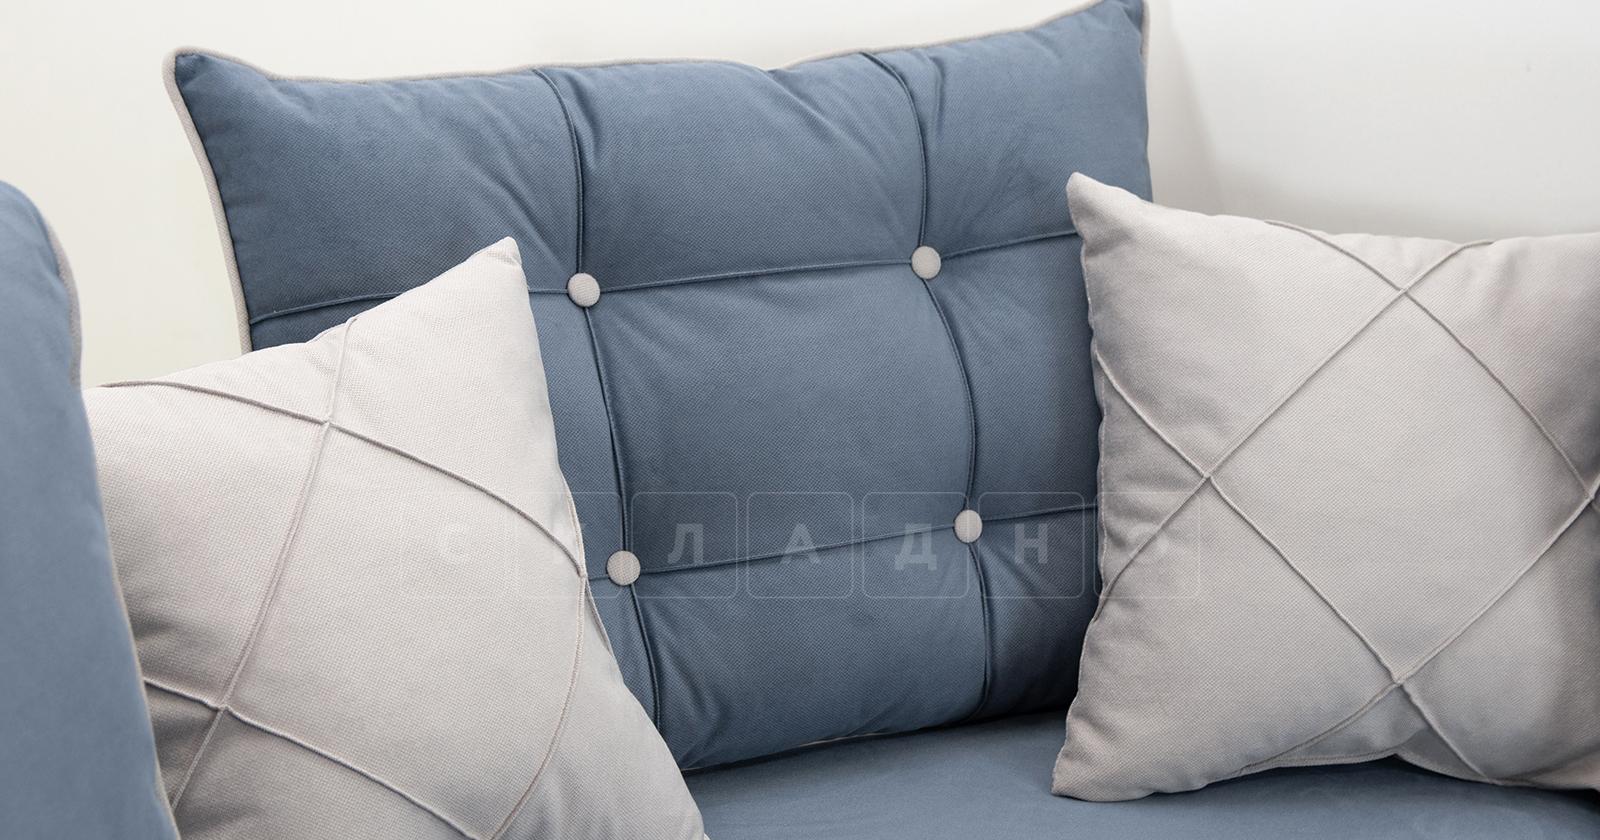 Диван-кровать угловой Флэтфорд серо-синий фото 11 | интернет-магазин Складно